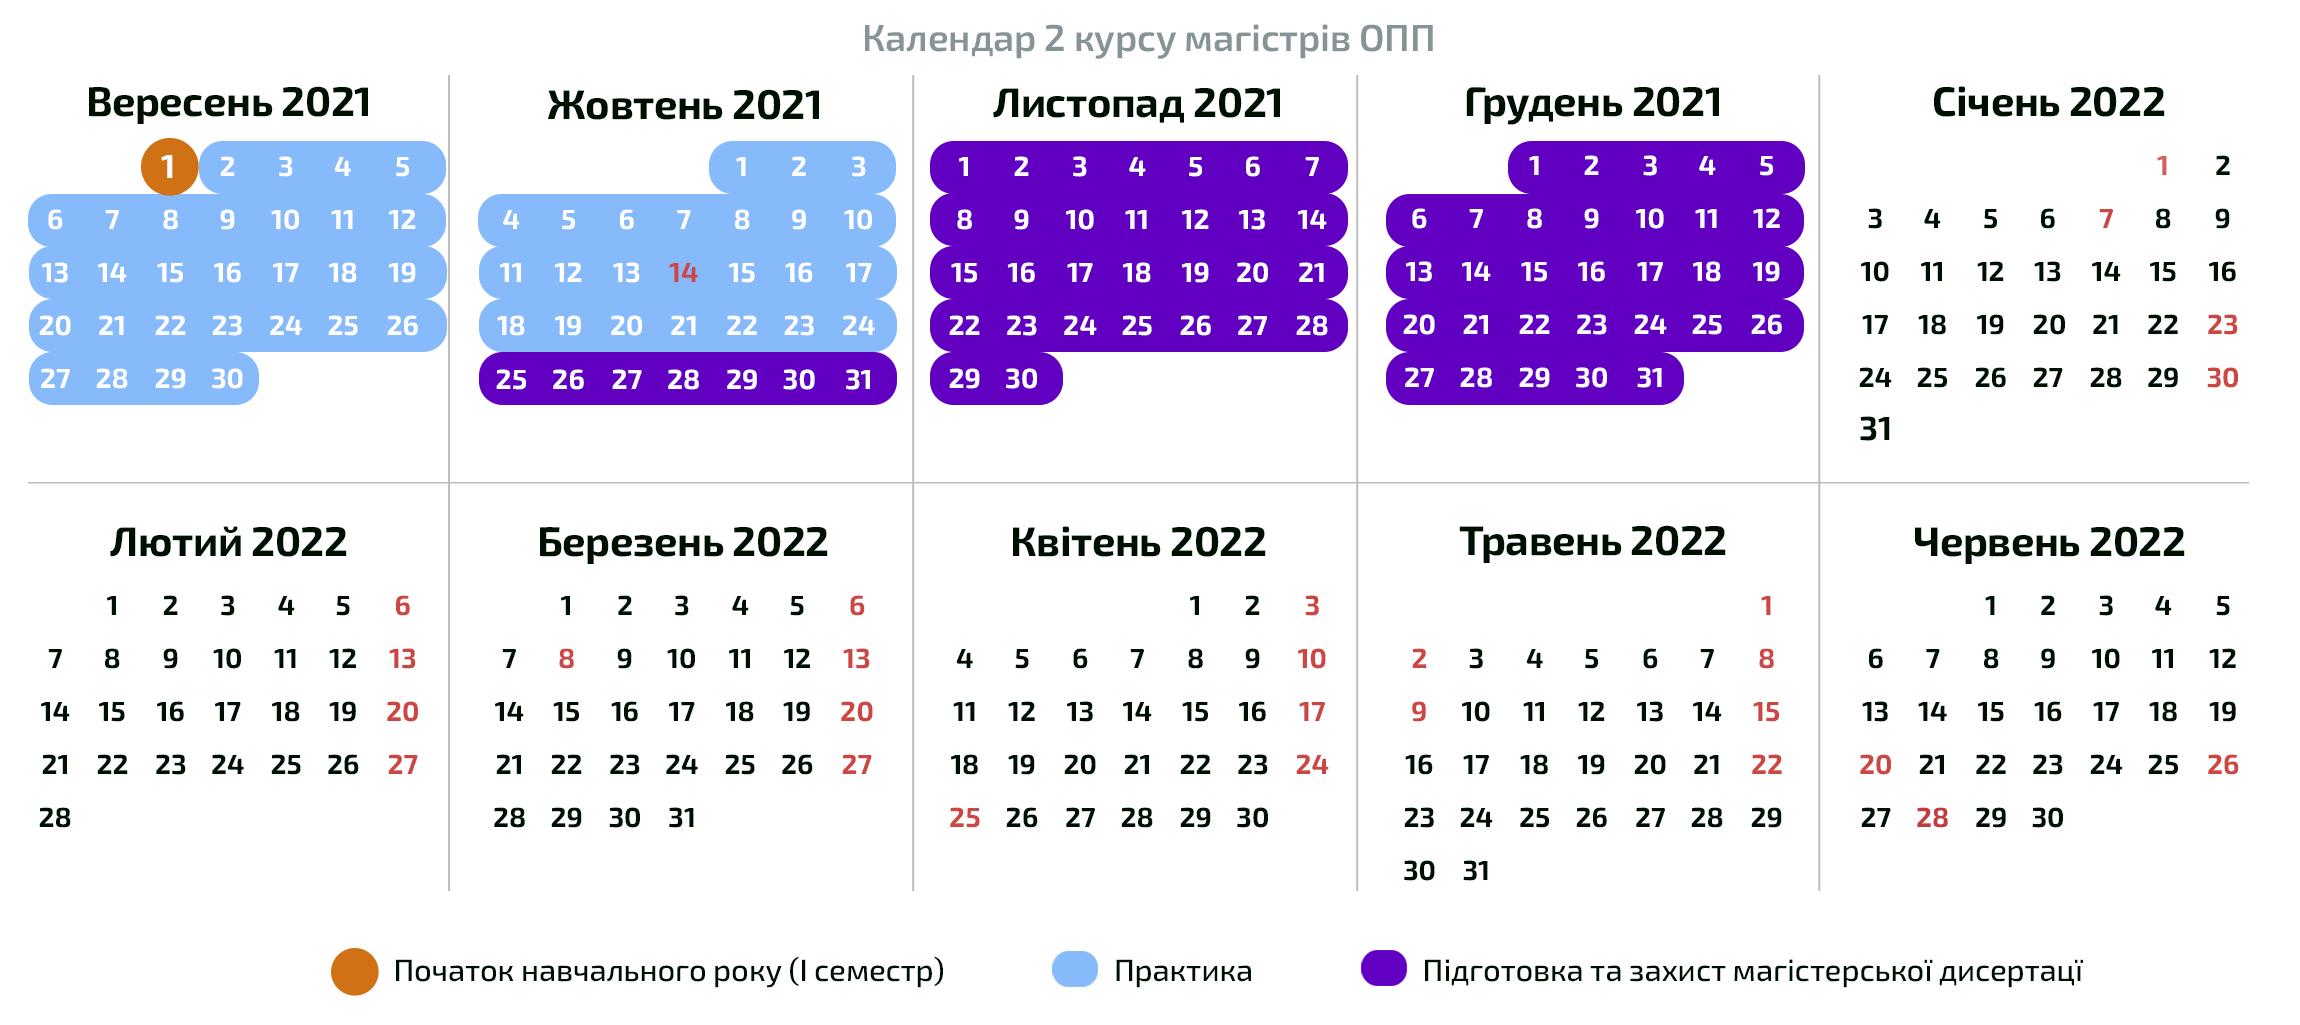 Календар 4 курсу